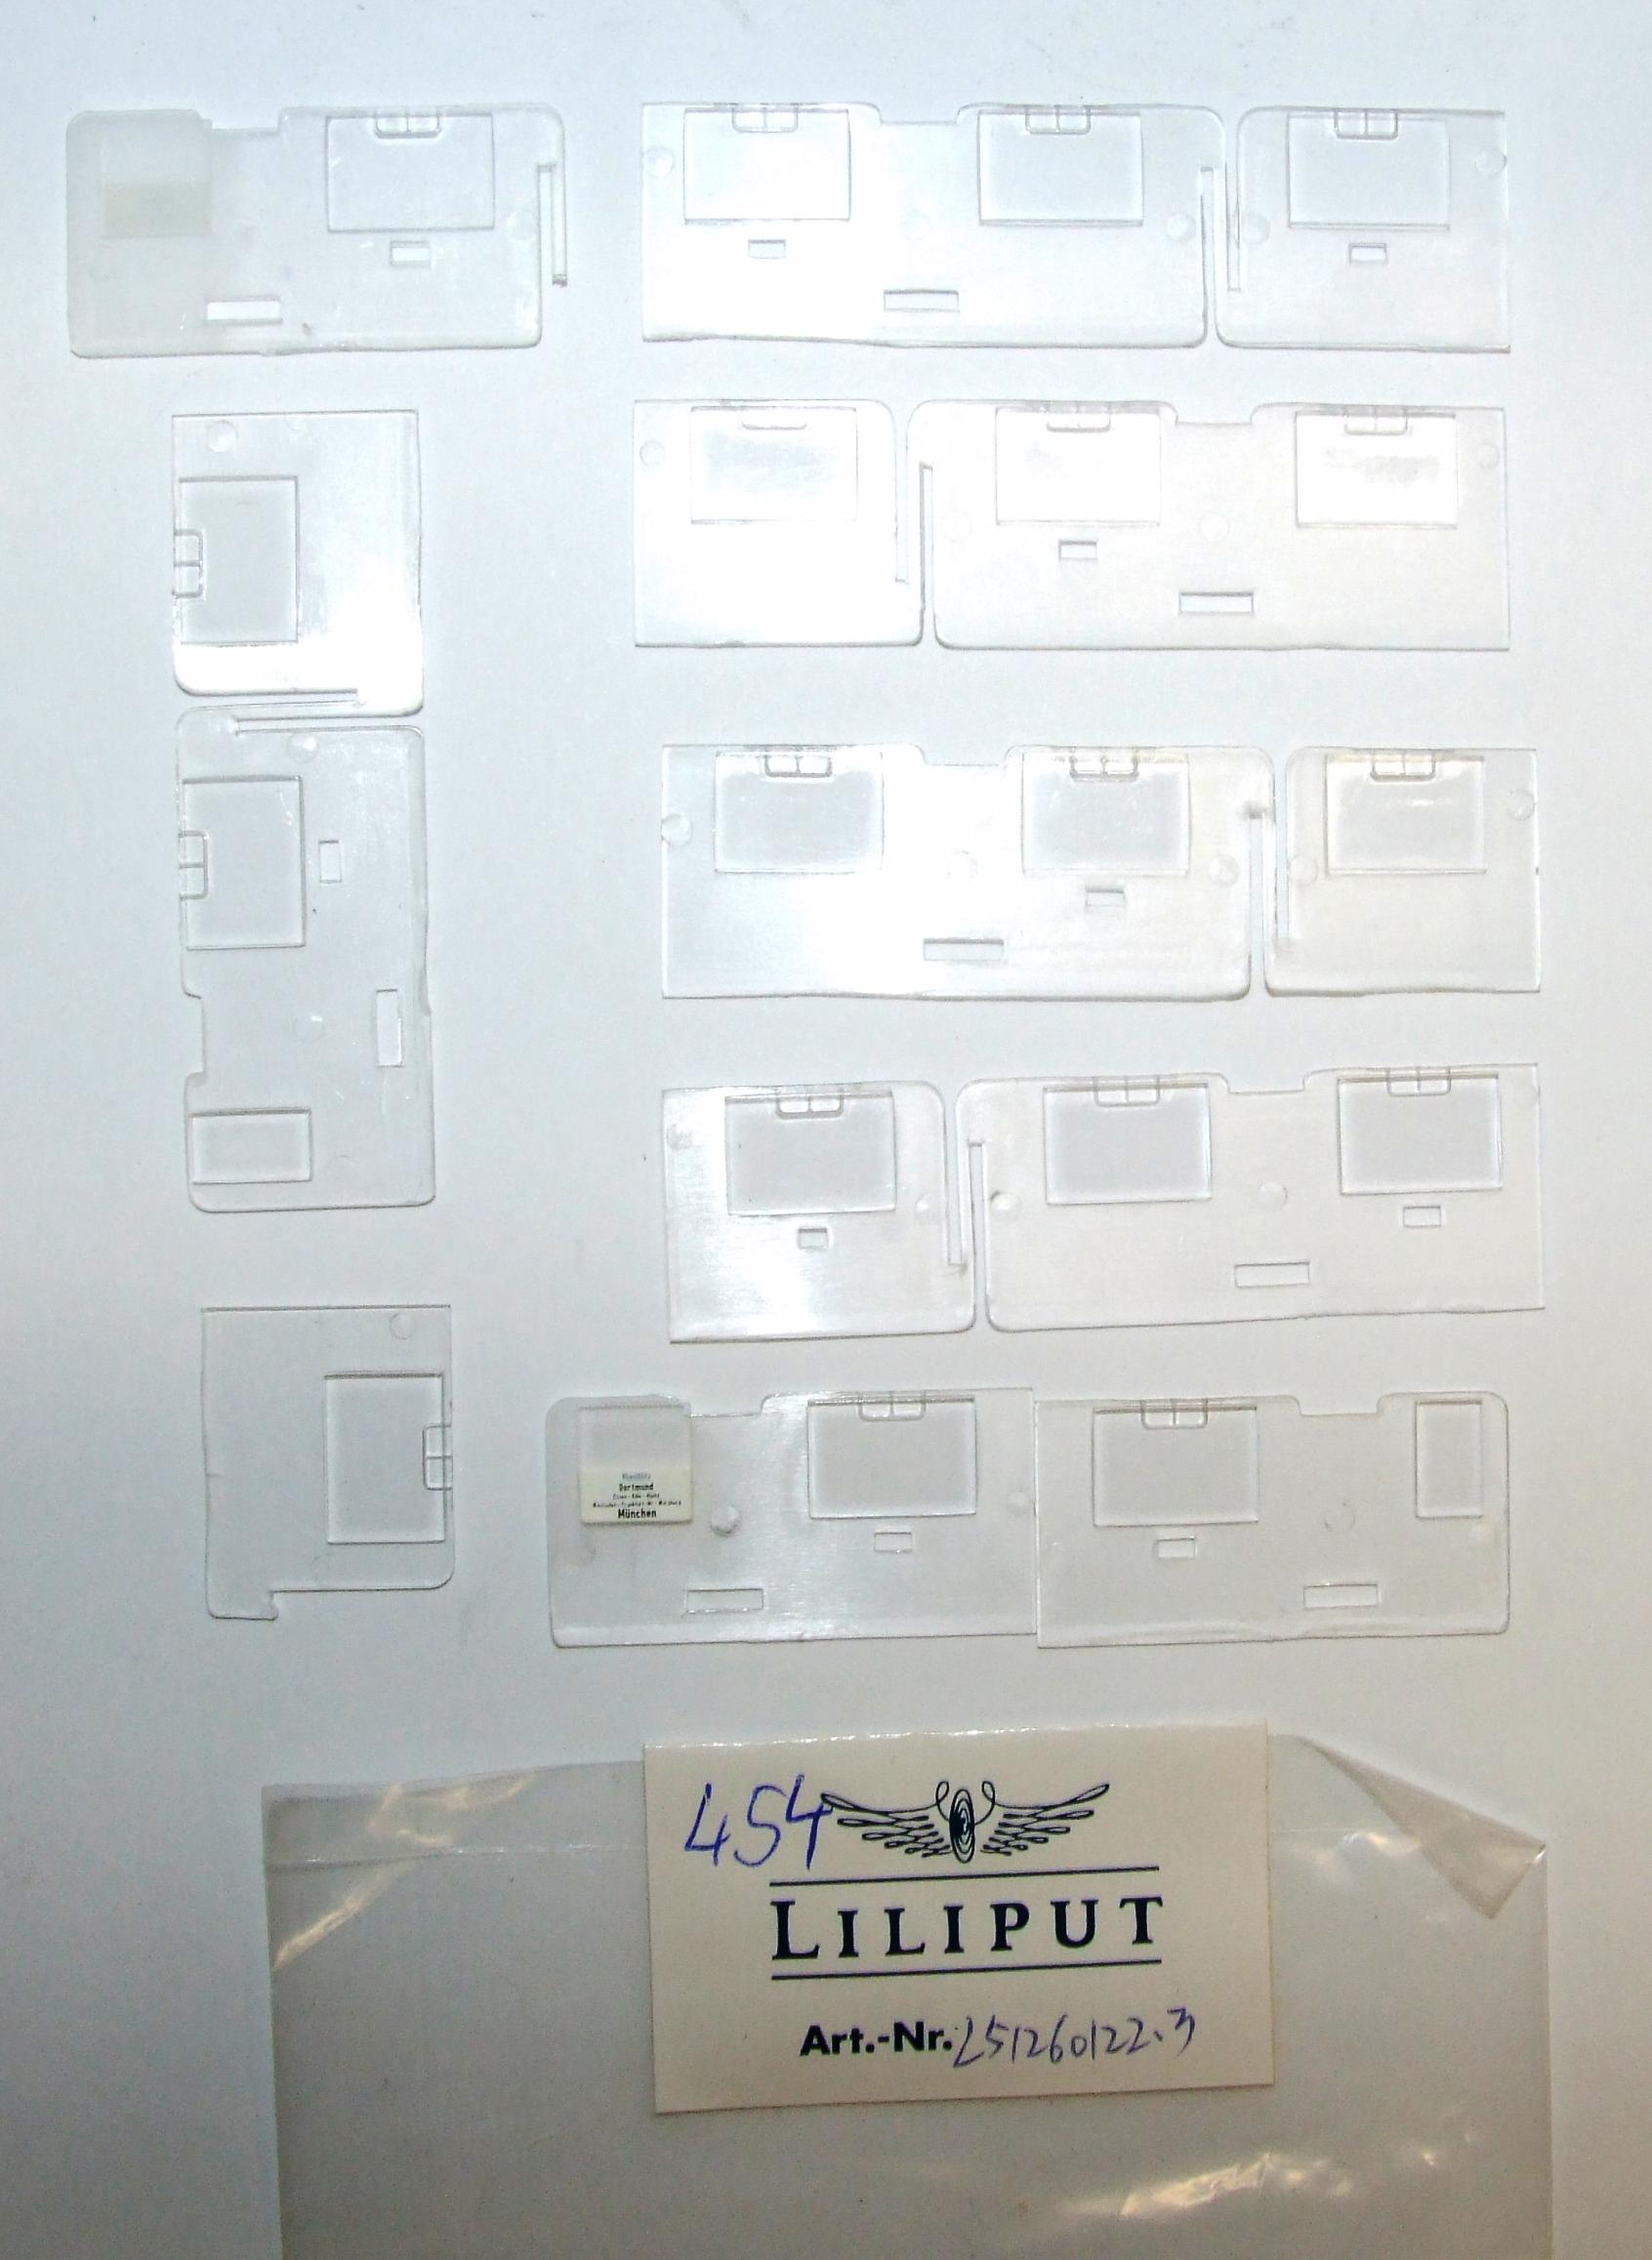 *LO 454* Liliput Ersatzteil L51260122.3 Fenster Mittelwagen